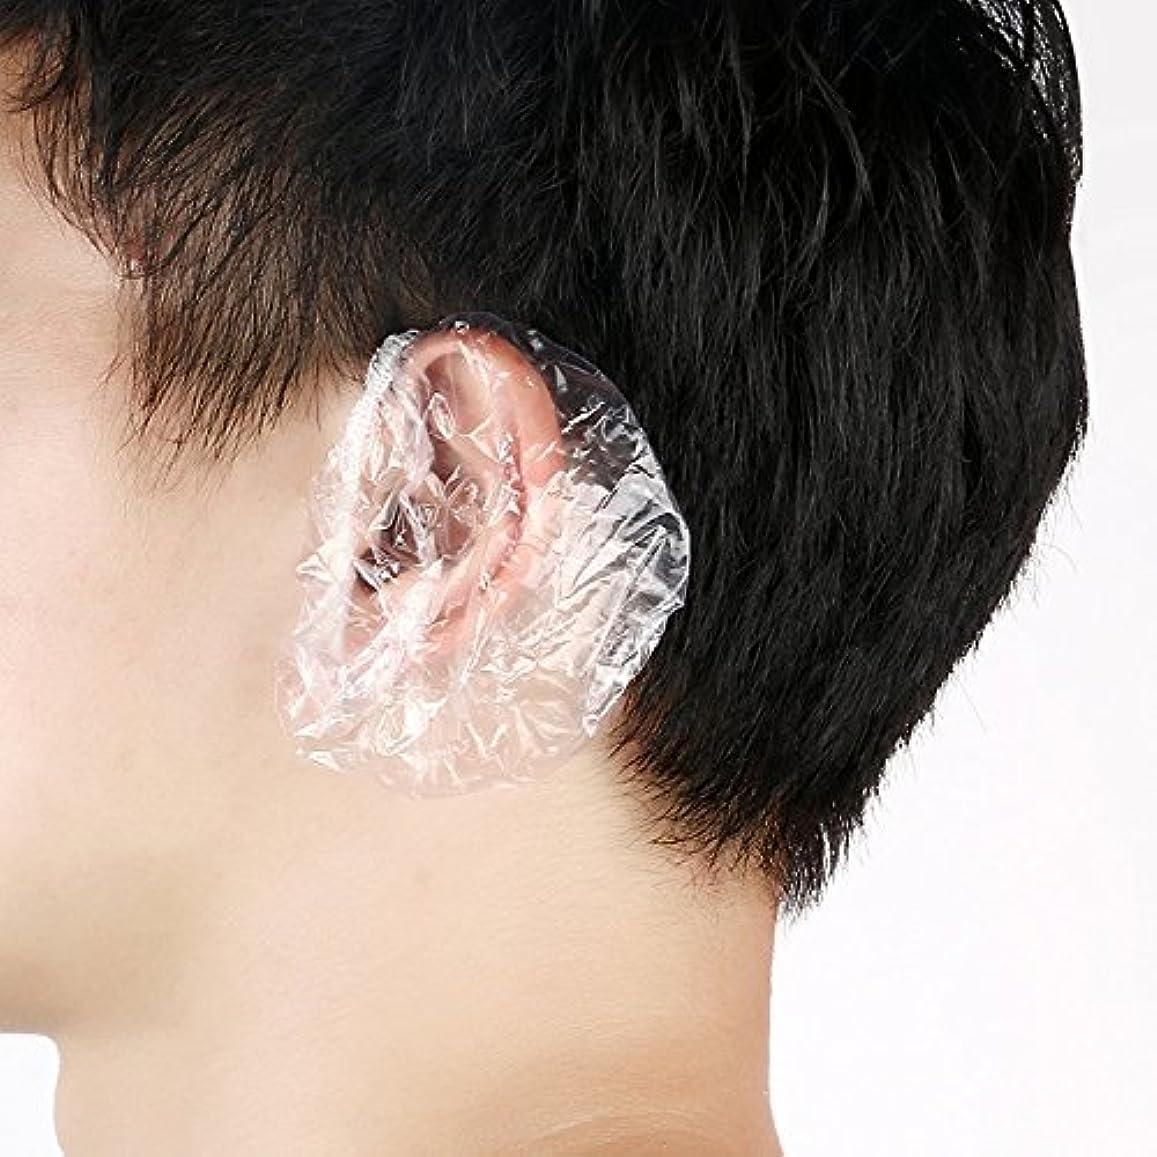 休戦退屈させる合金AMAA 耳キャップ 毛染め用 耳カバー  使い捨て 衛生的 袋入 100枚入り